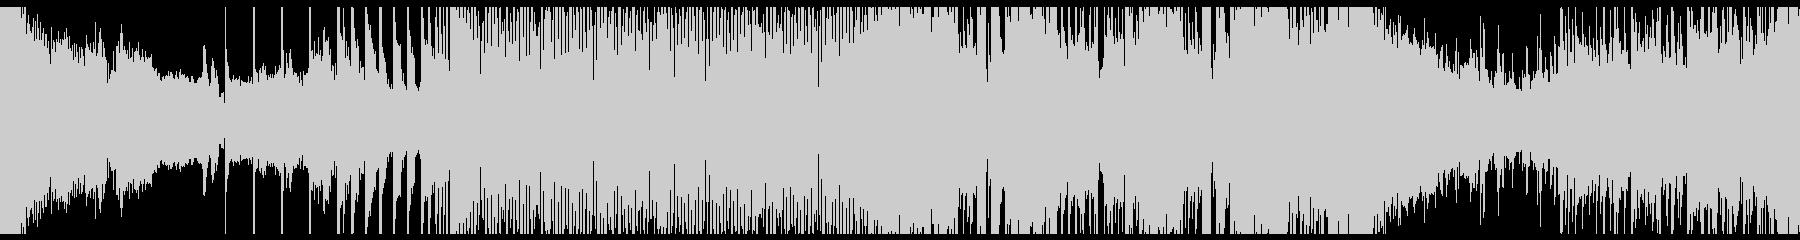 トランス、EDM系のループ音楽のBGMの未再生の波形